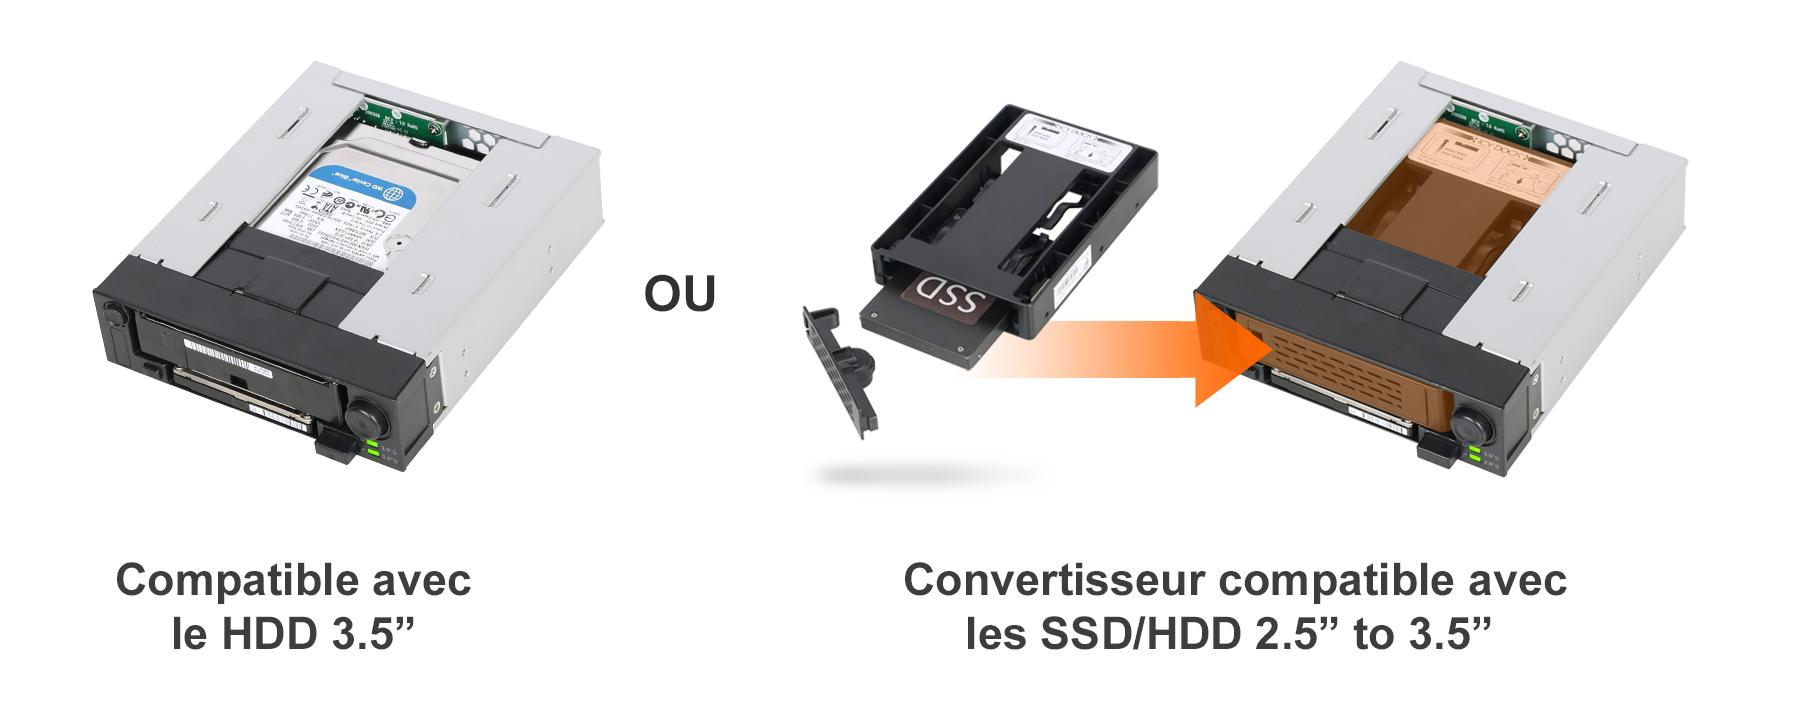 photo des SSD et HDD 2.5 à 3.5 pouces compatibles avec le mb971sp-b